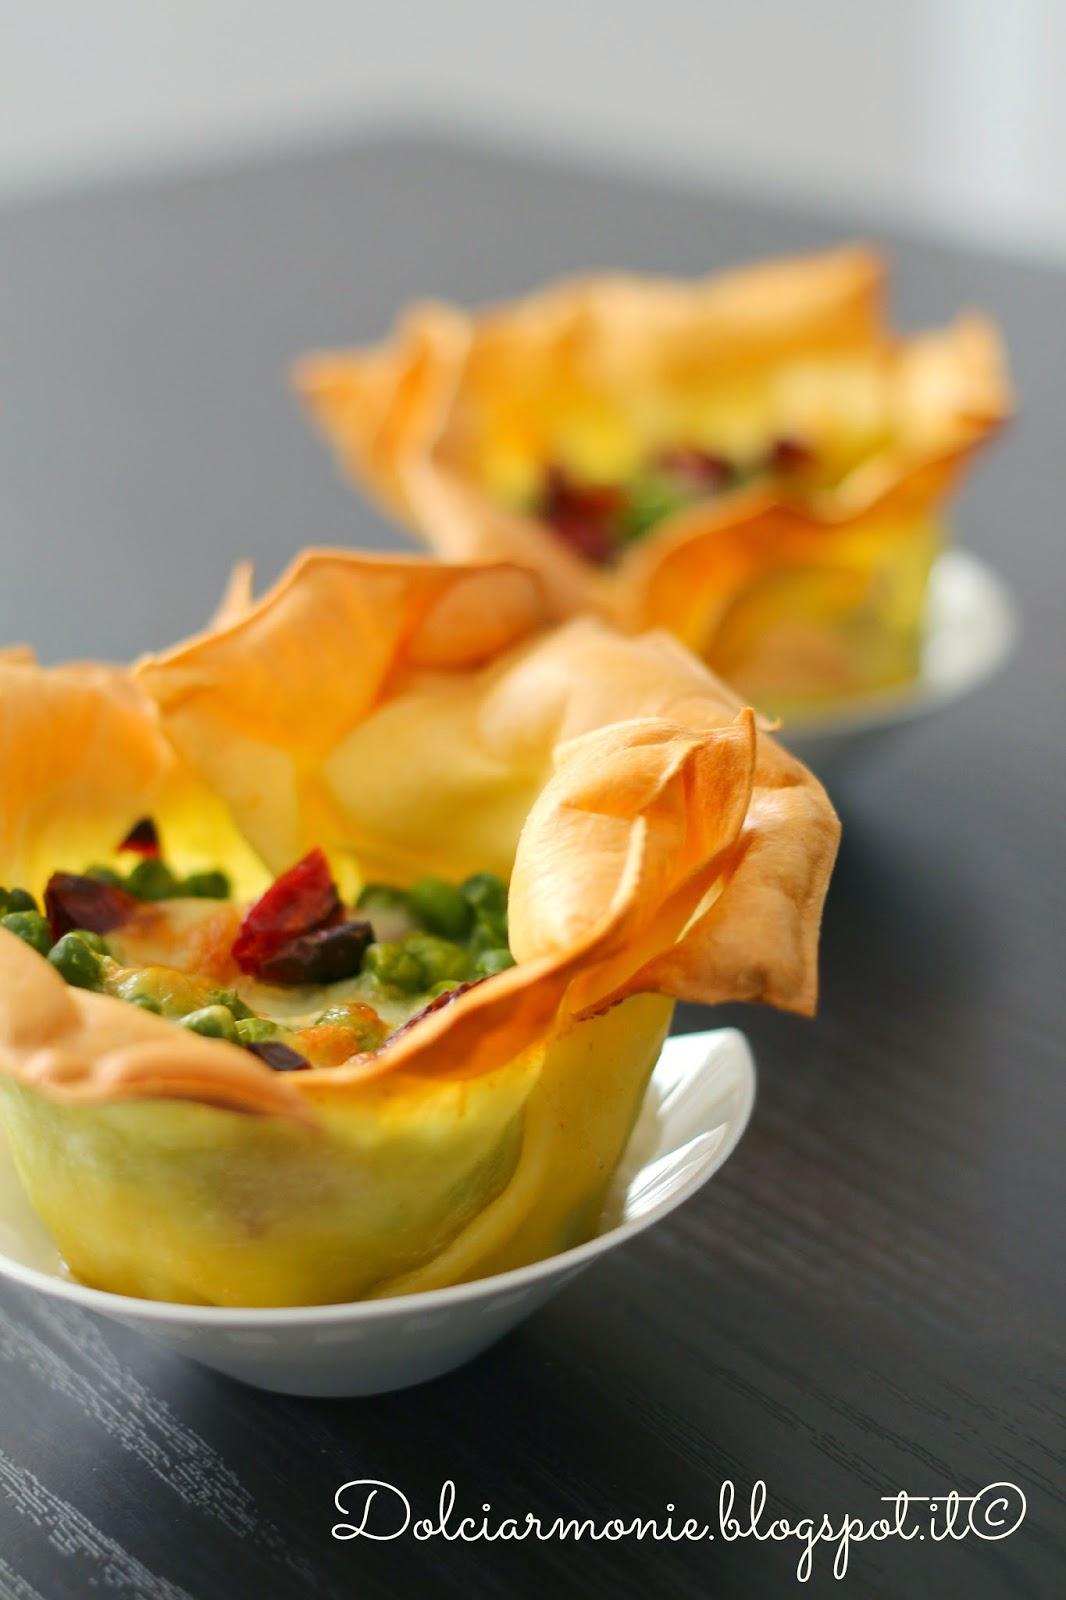 roselline di lasagna ai piselli, ciliegino secco e pecorino siciliano.